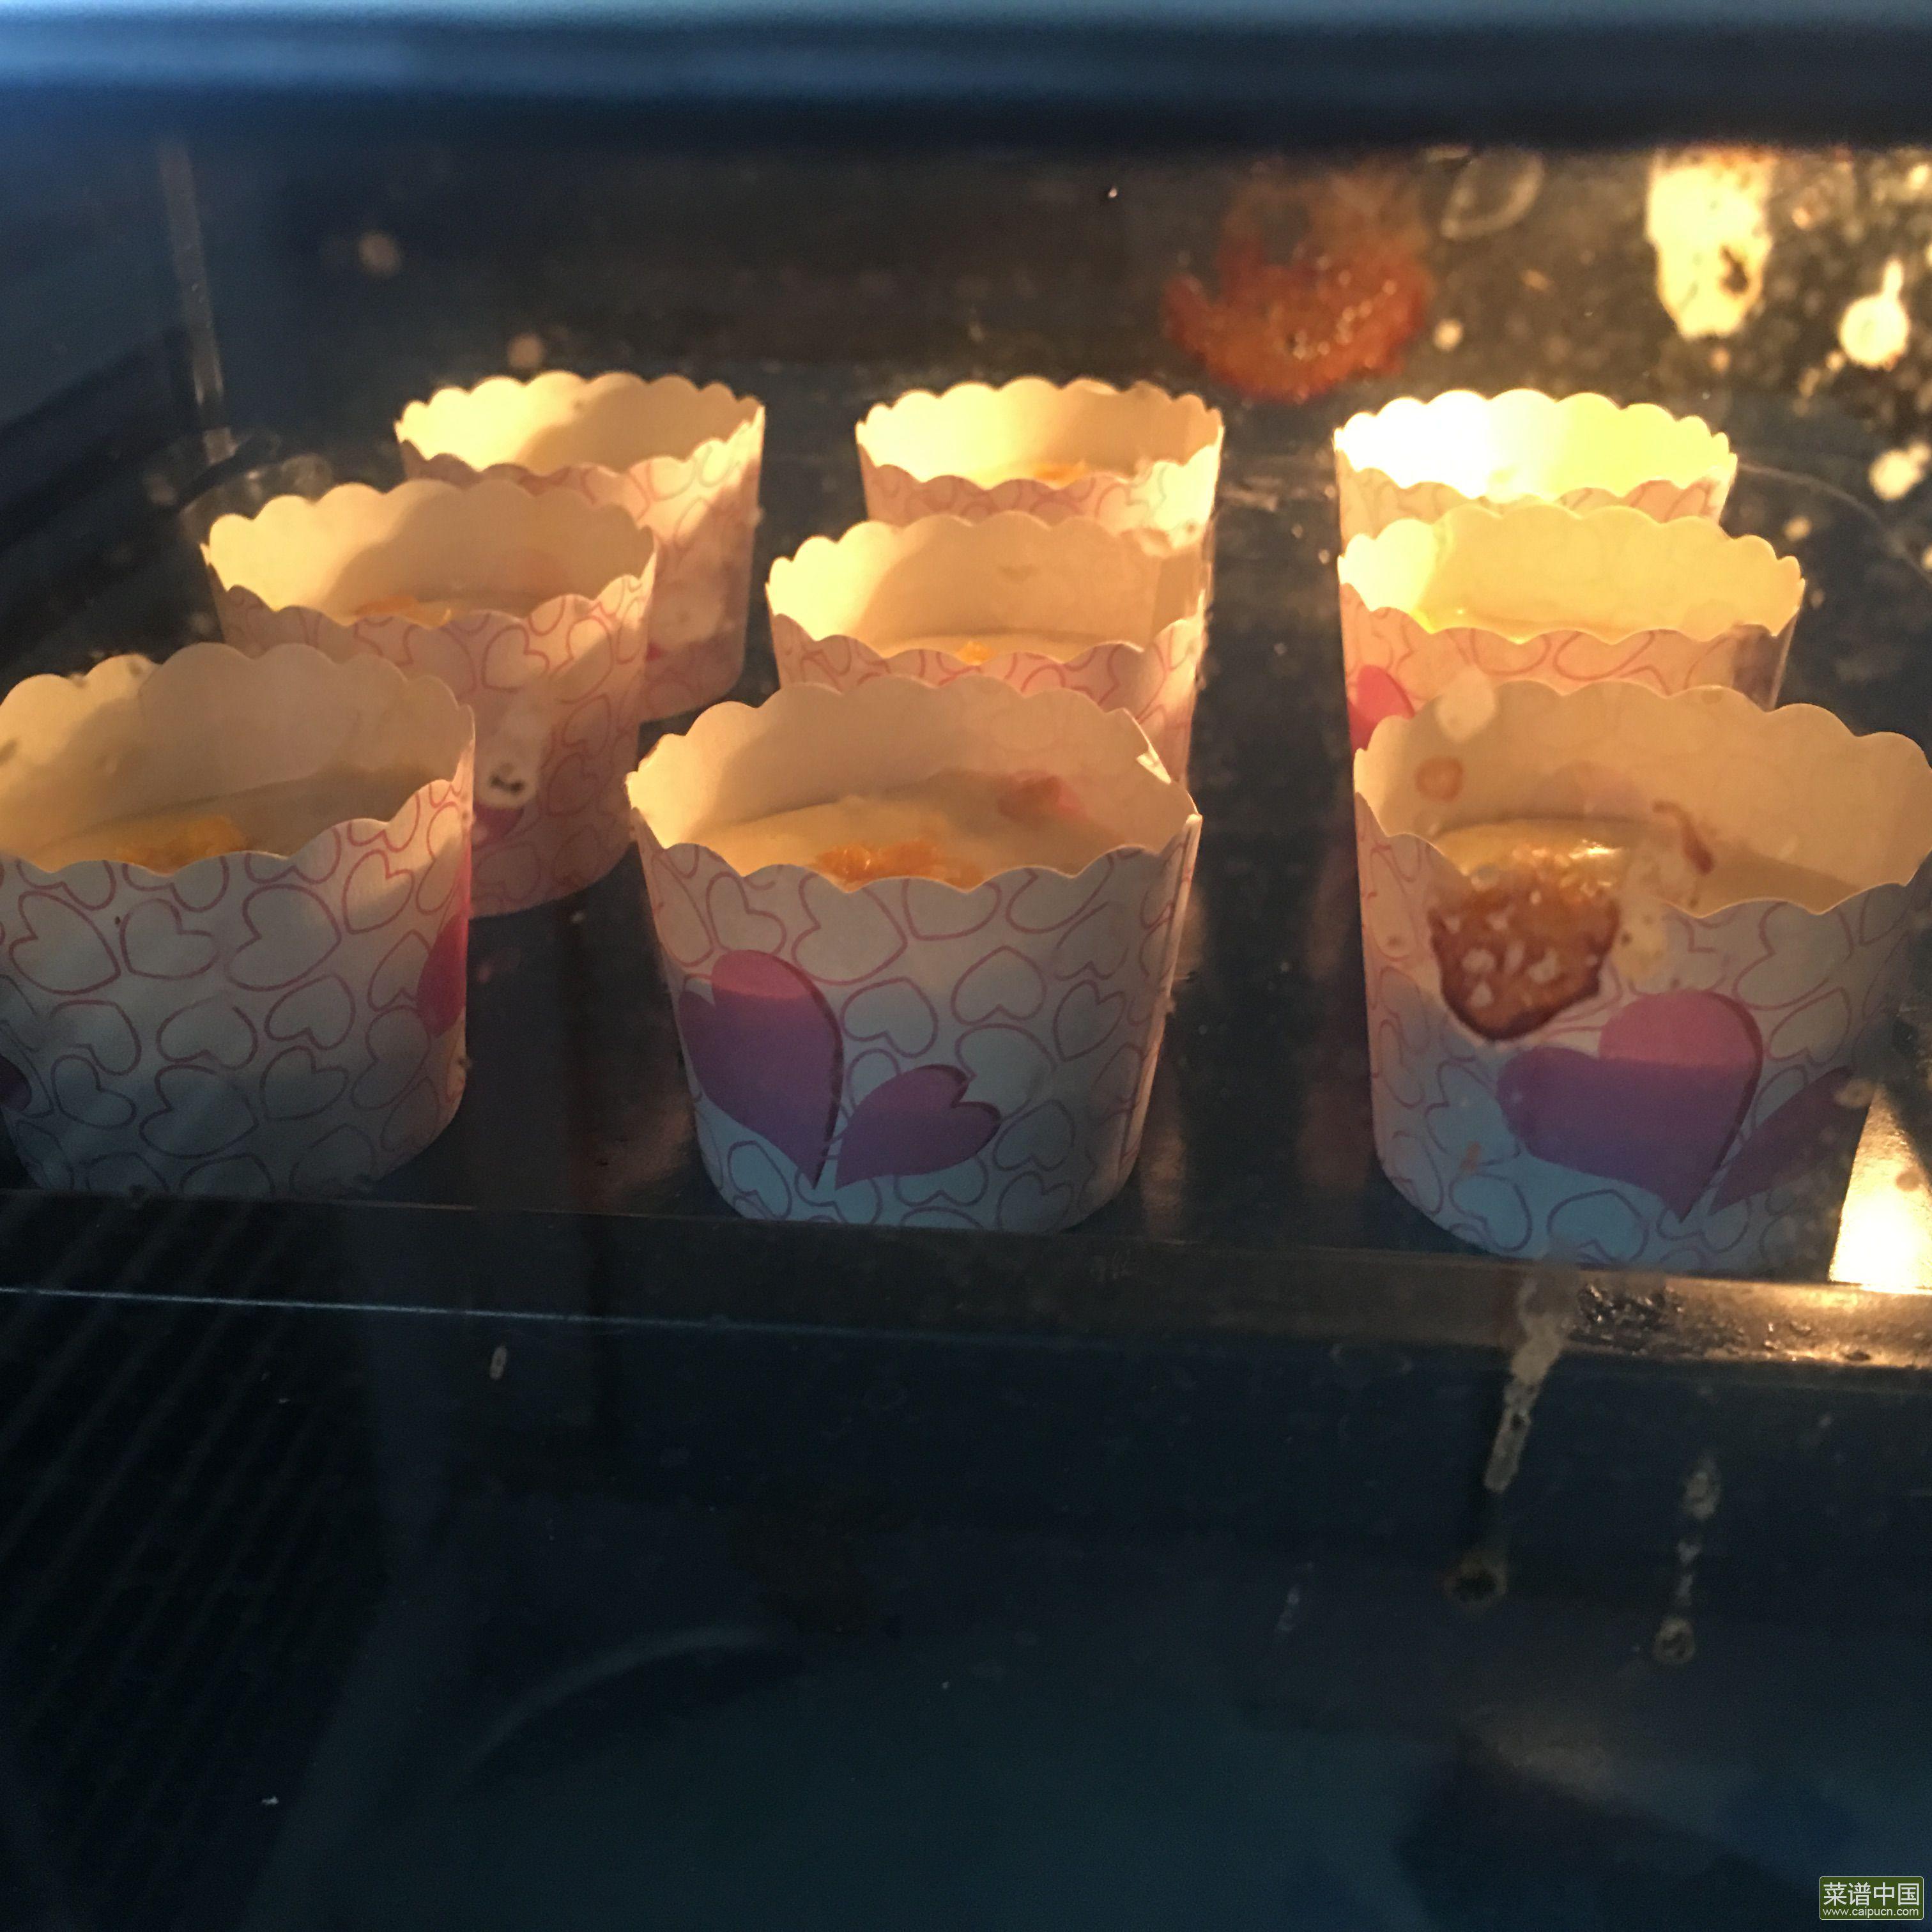 橙皮海绵蛋糕杯的做法步骤10